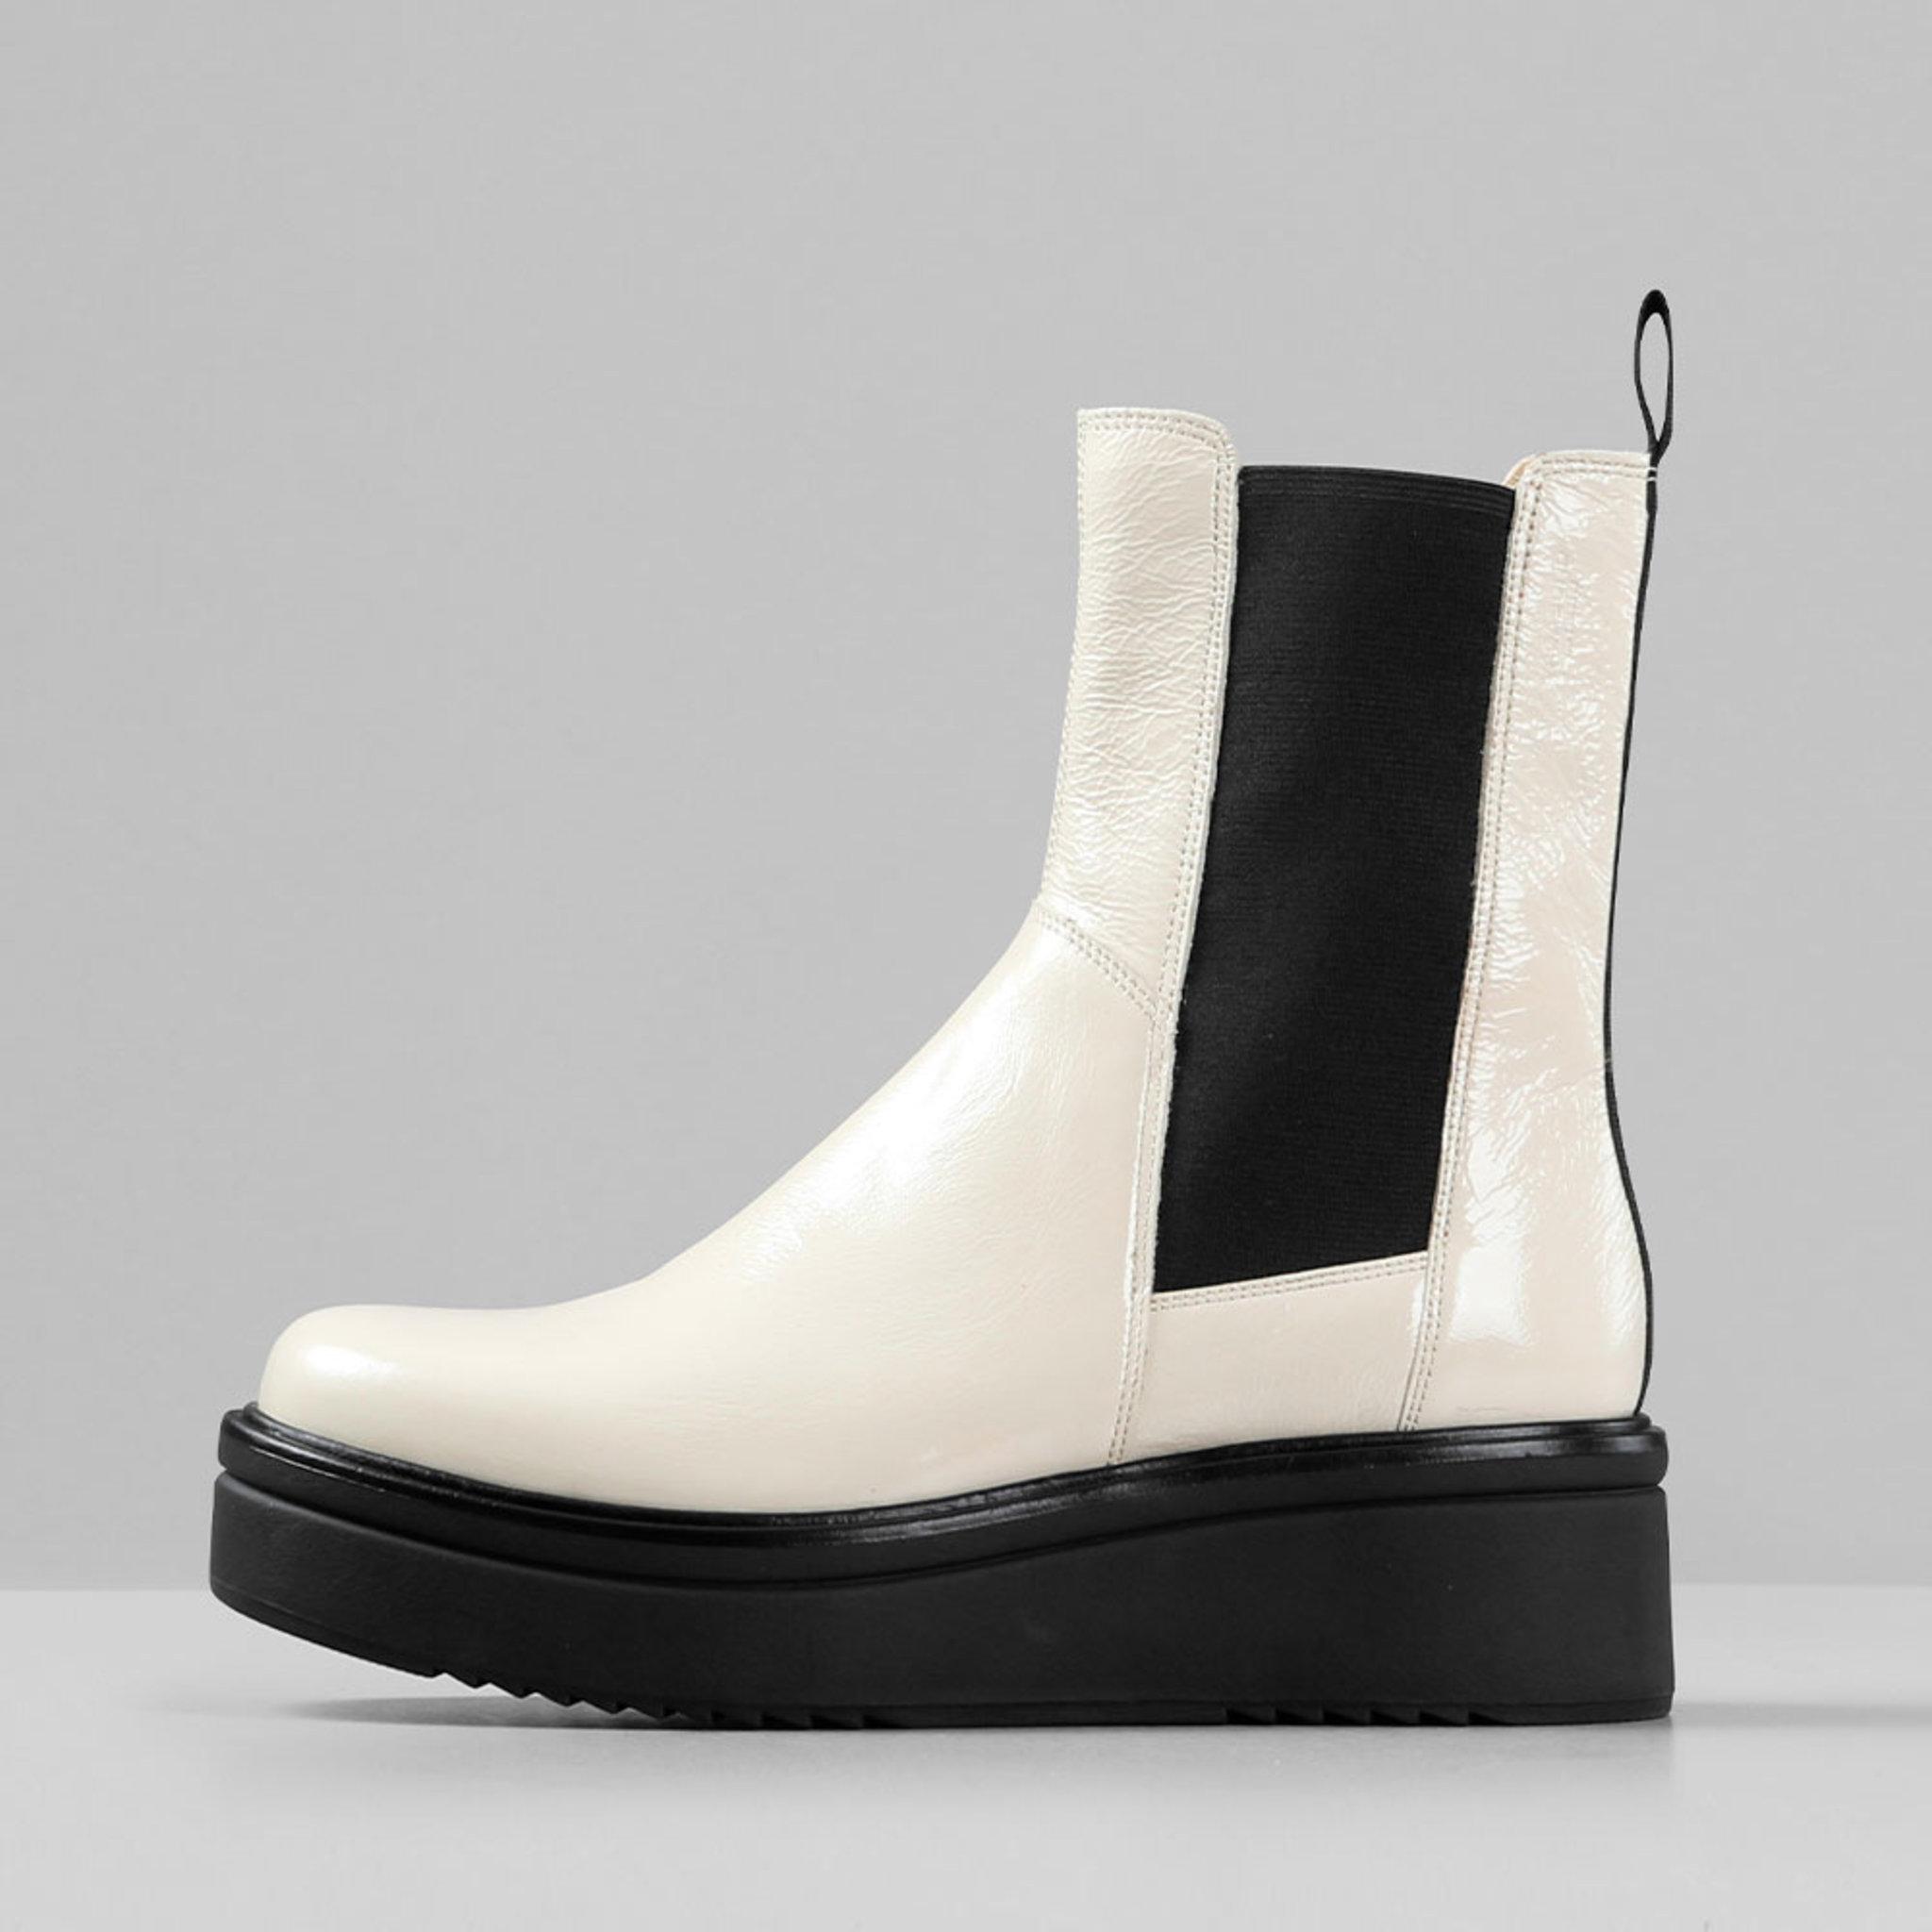 Boots Tara Stövlar & boots Köp online på åhlens.se!